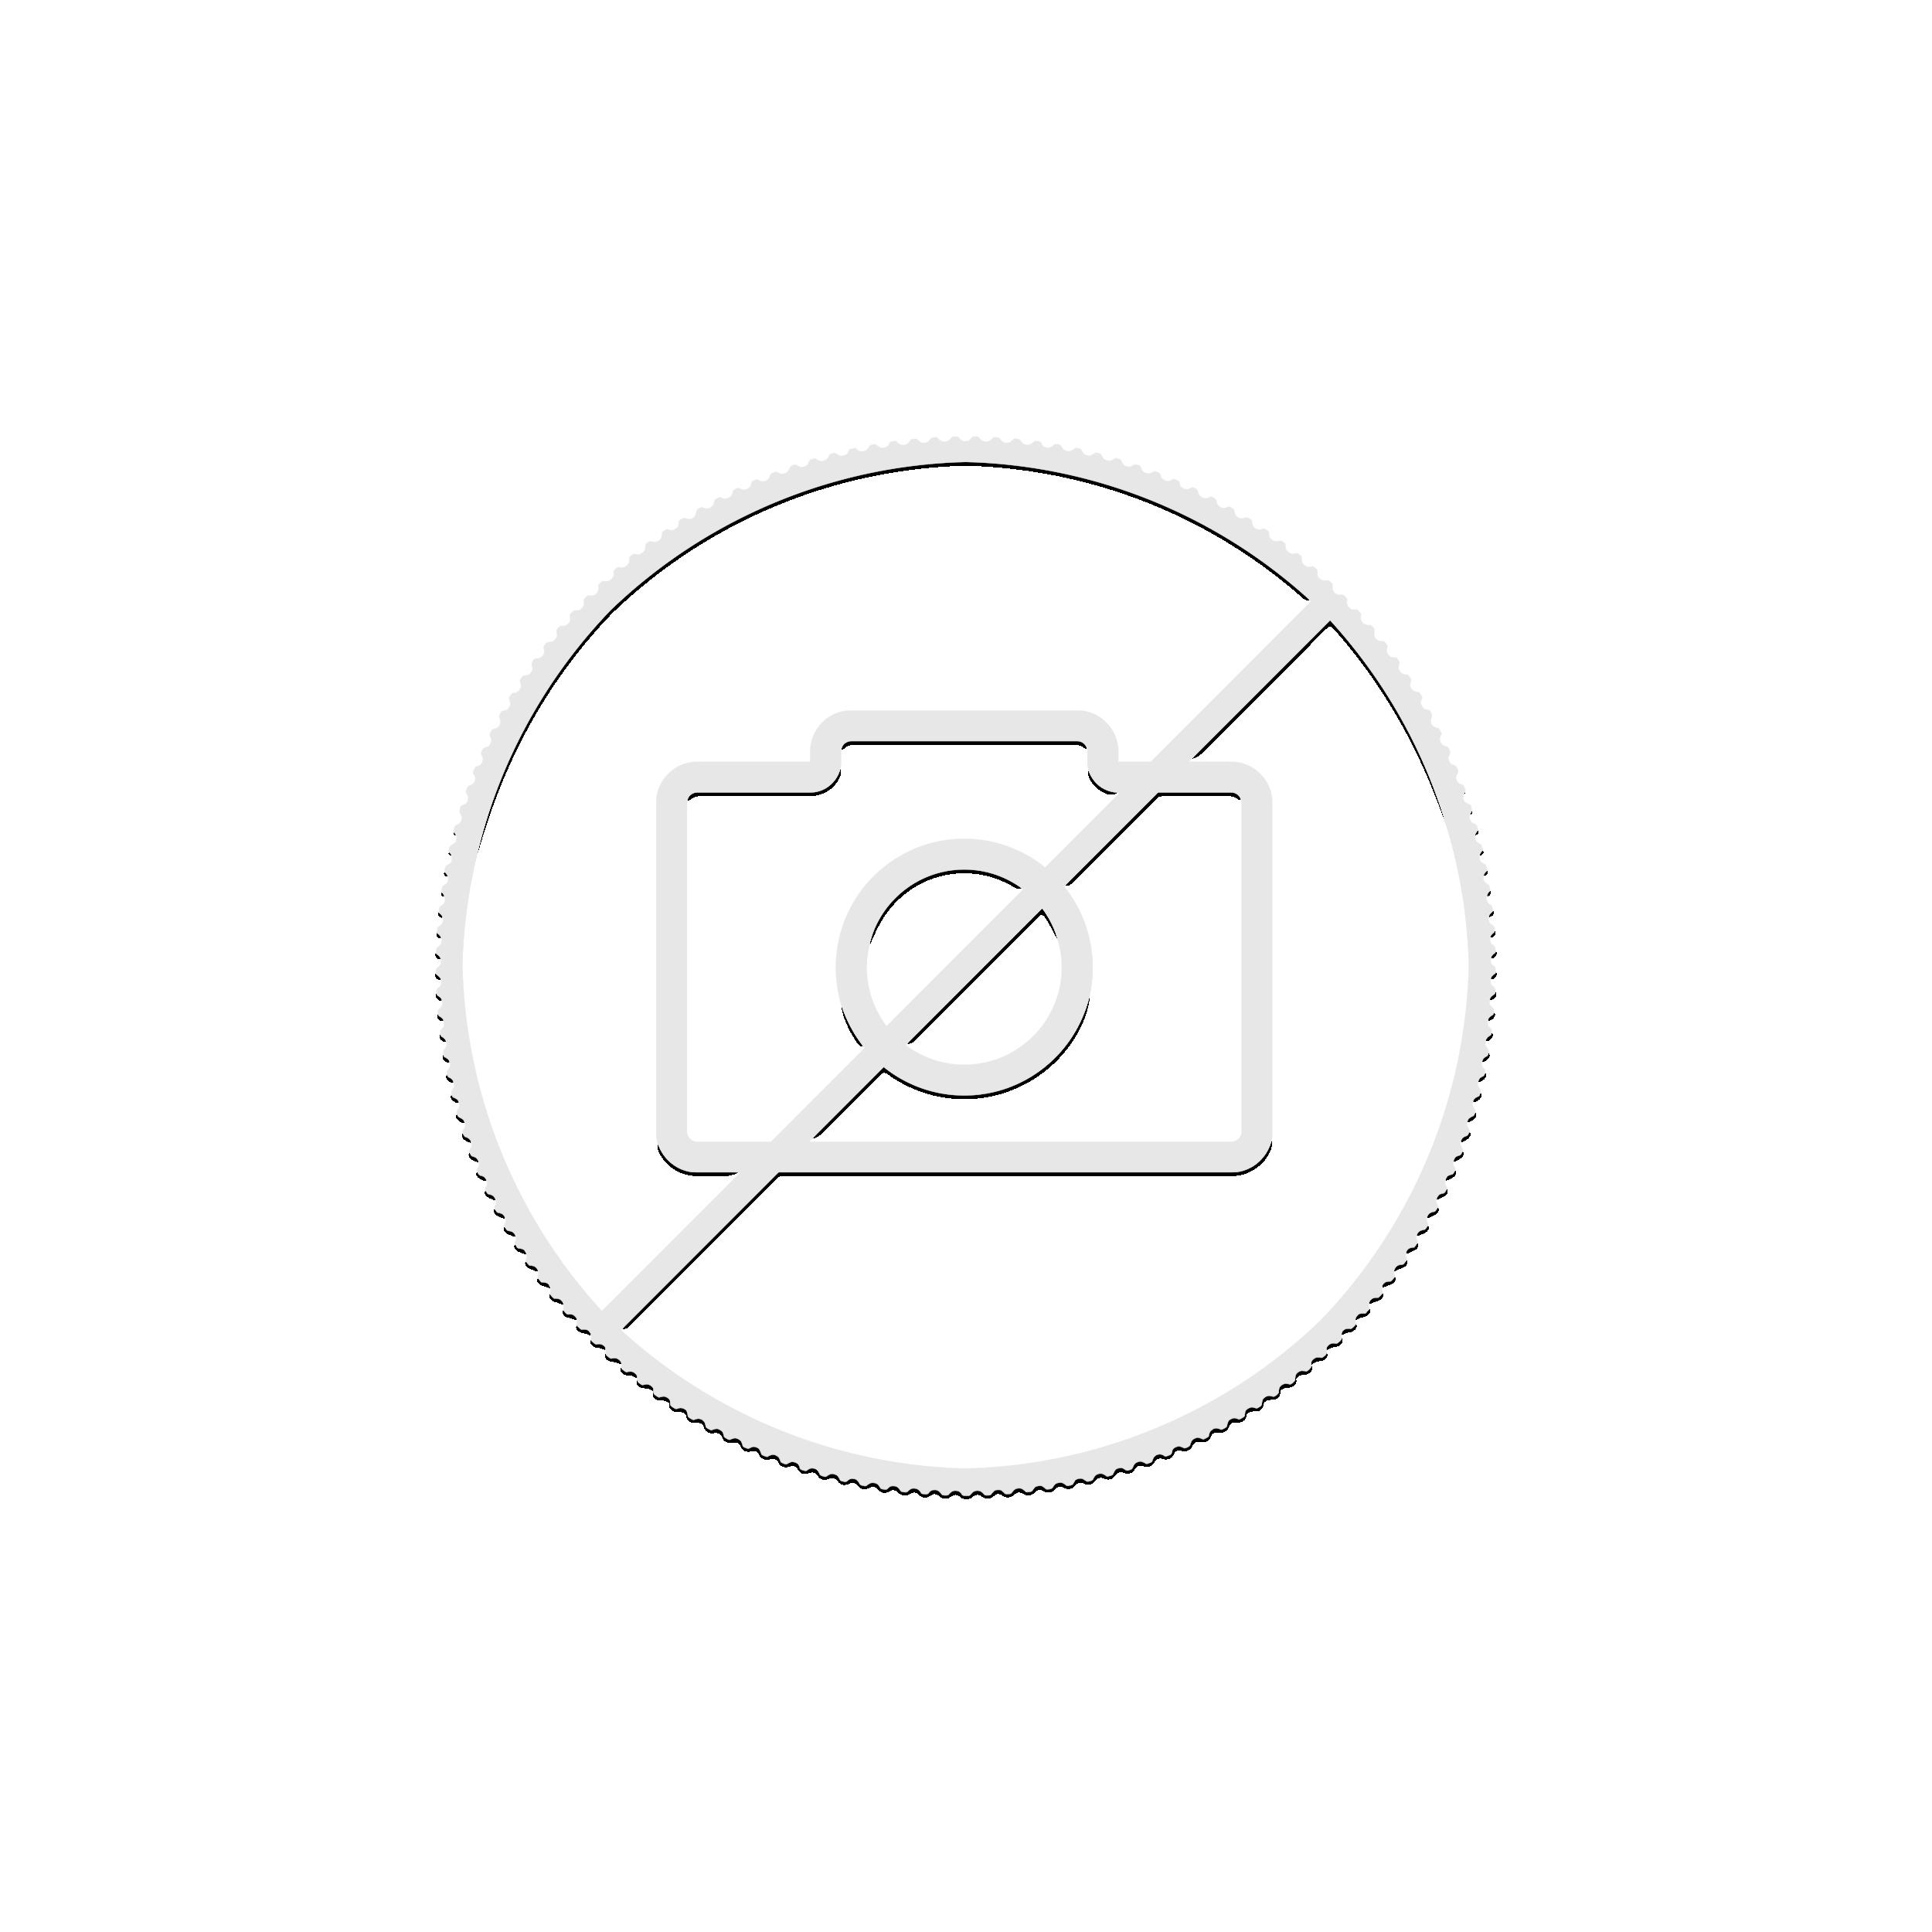 Gouden munt liefde hartvorm set 2021 proof